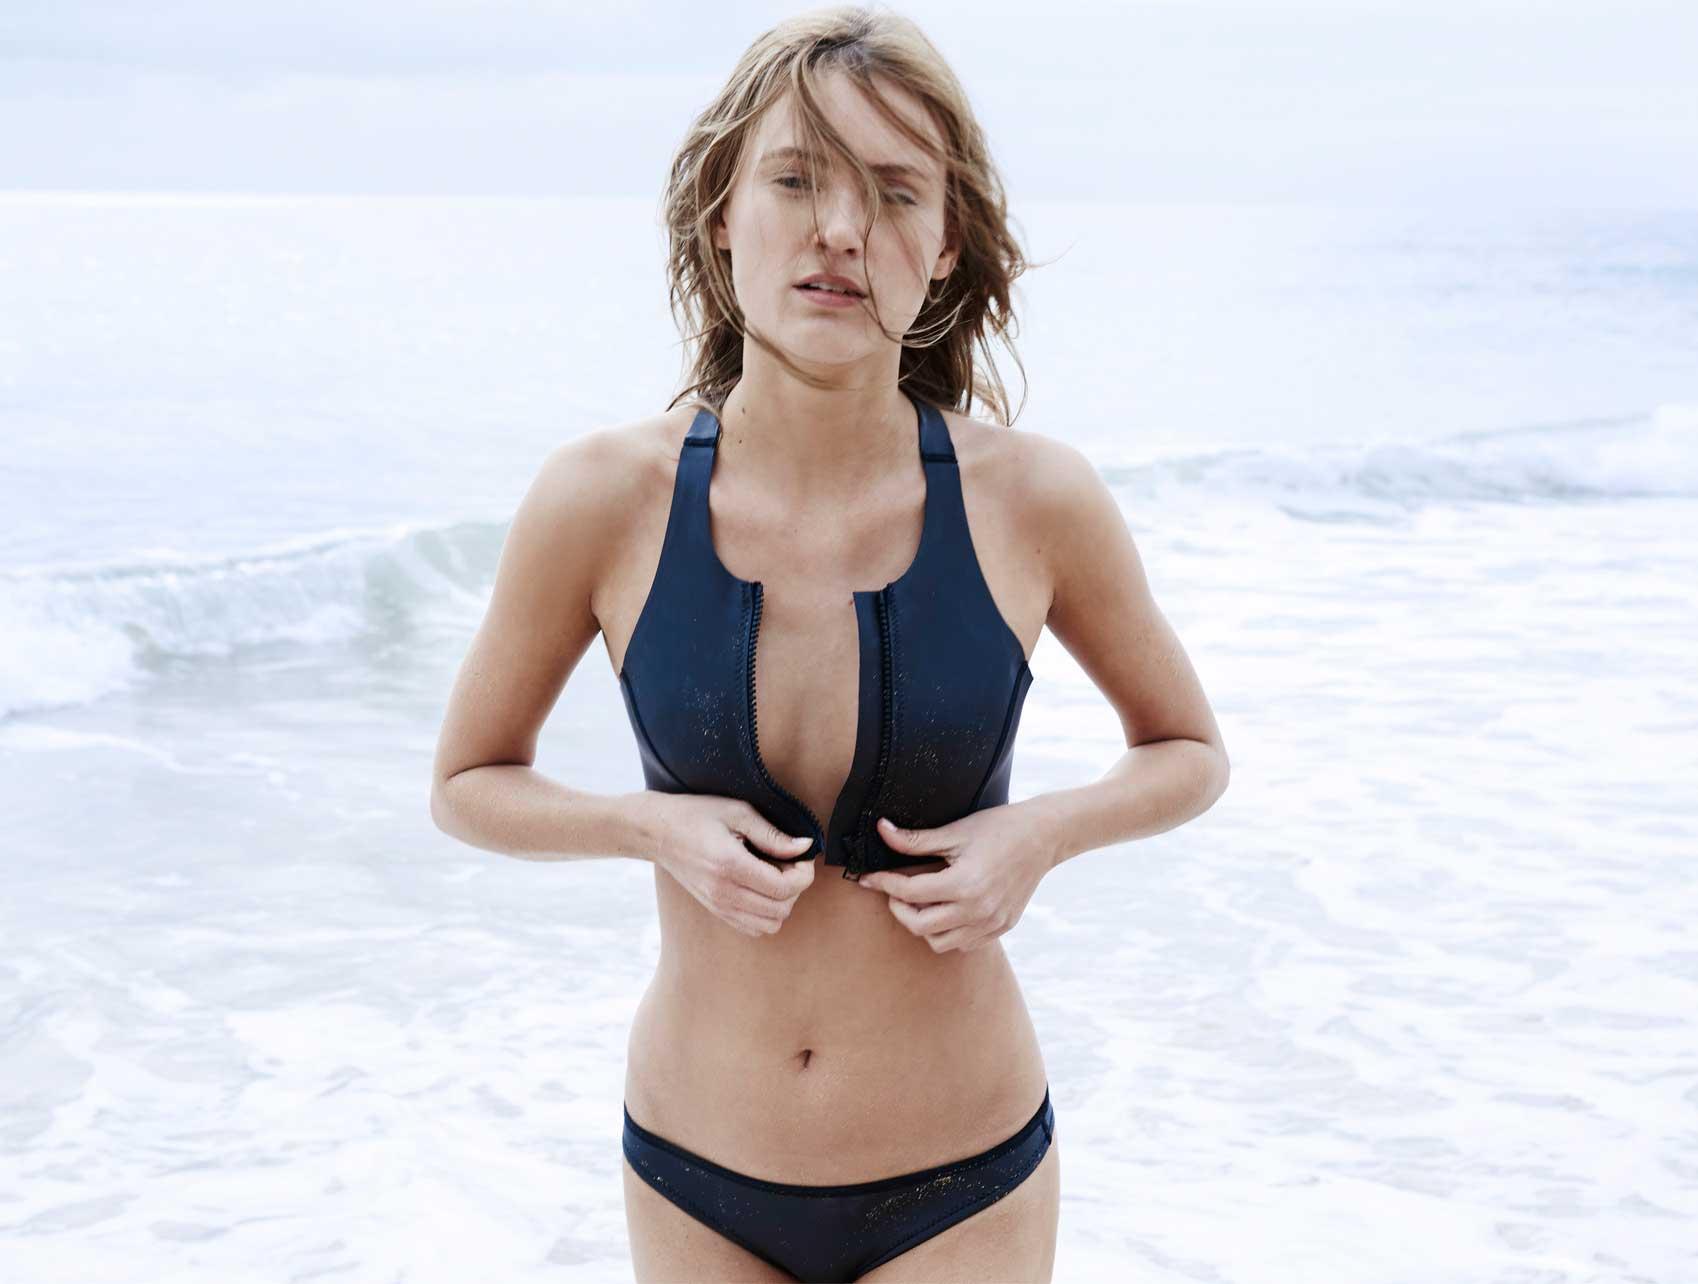 comprar bikini